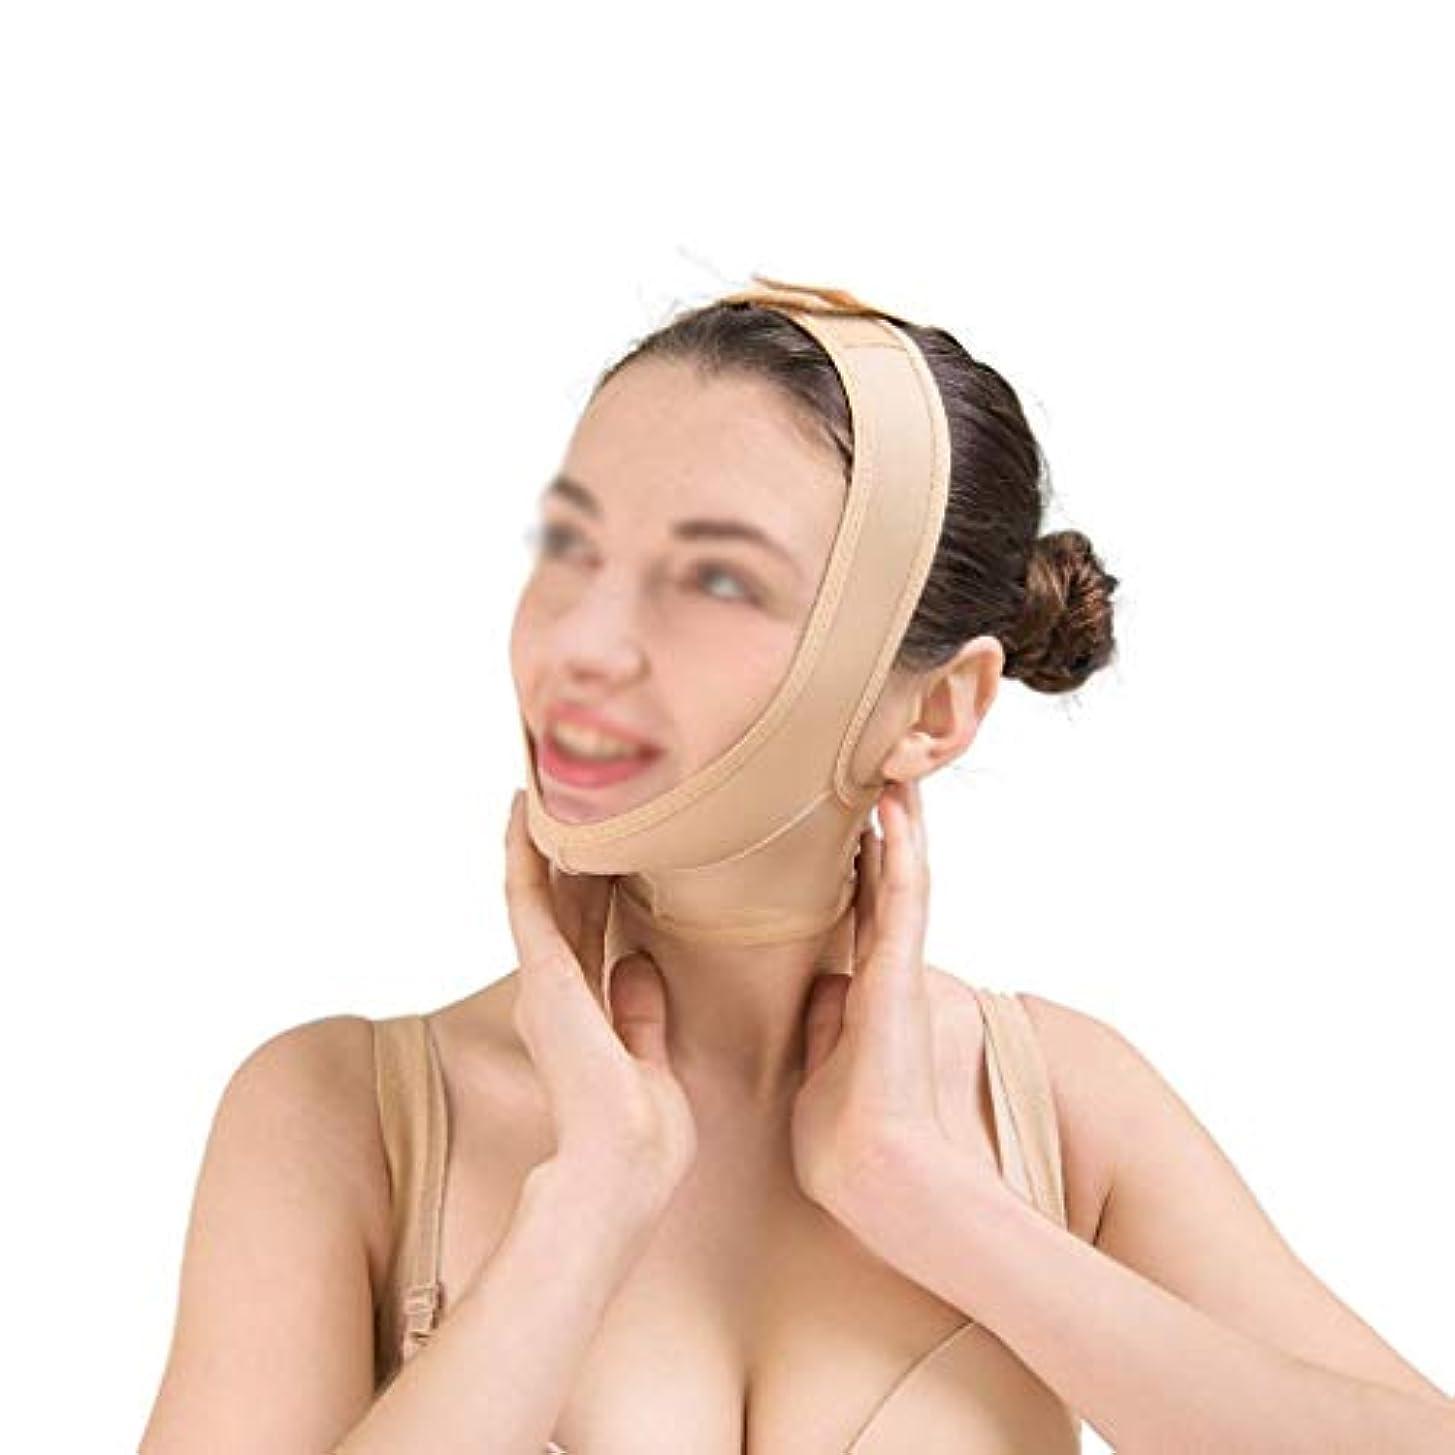 程度開梱ダブルチンストラップ、包帯の持ち上げ、肌の包帯の持ち上げと引き締め フェイスマスク、快適で 顔の持ち上がるマスク(サイズ:S),S